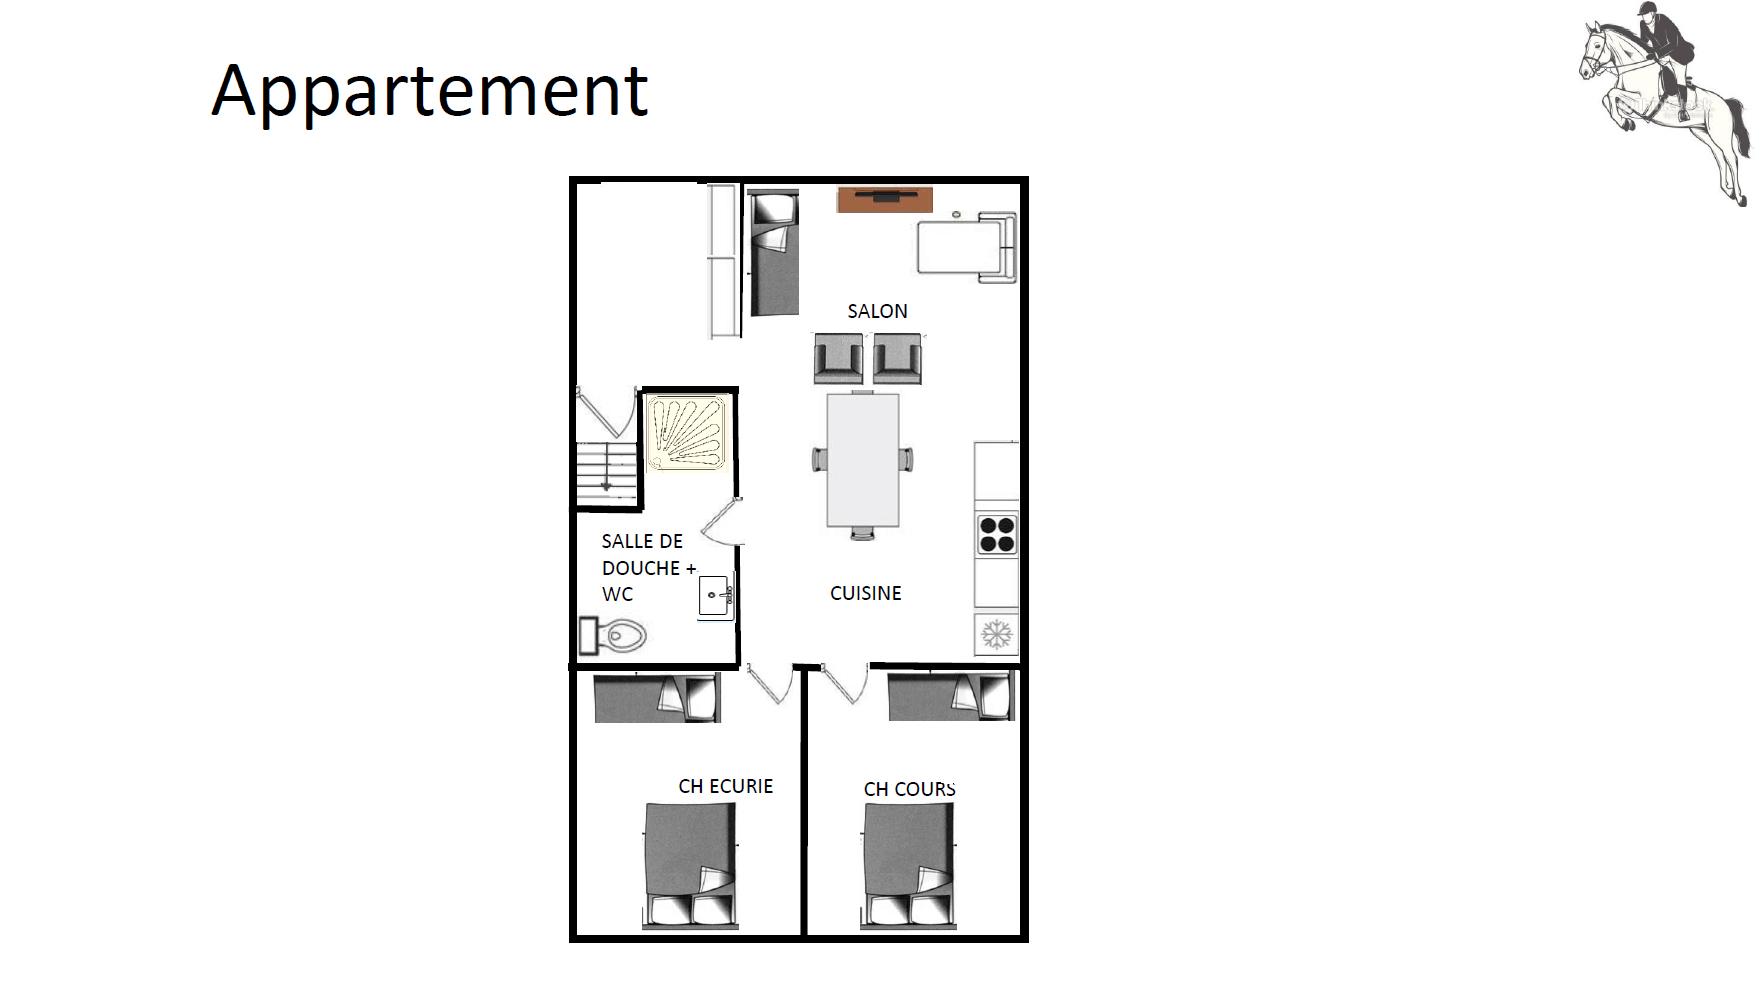 Plan-Les-ecuries-valdemai-appartement2 (1)